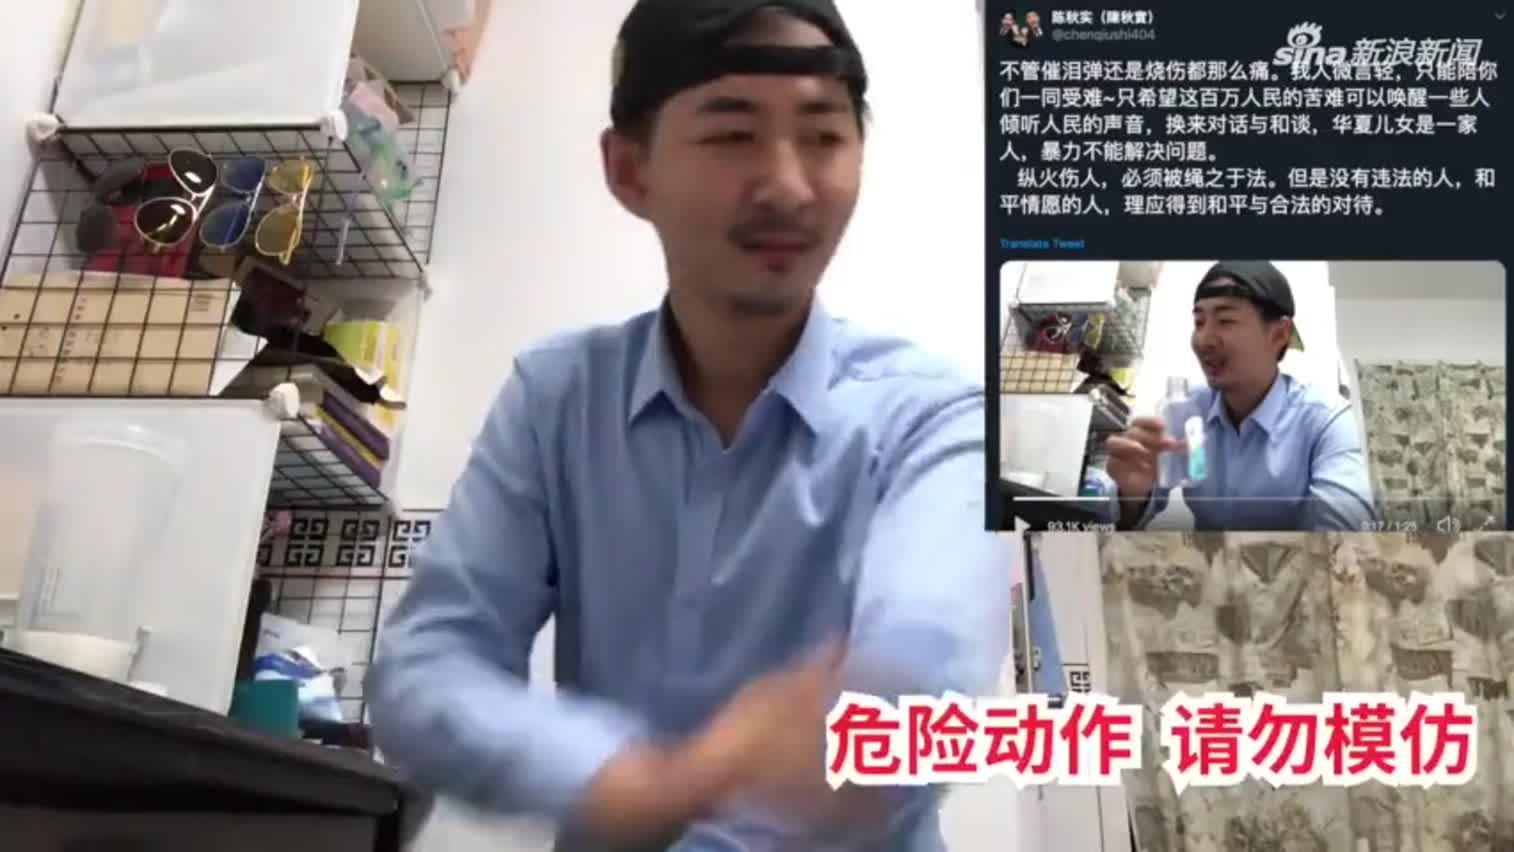 """他拿酒精烧自己 被香港暴徒支持者大骂是""""五毛"""""""